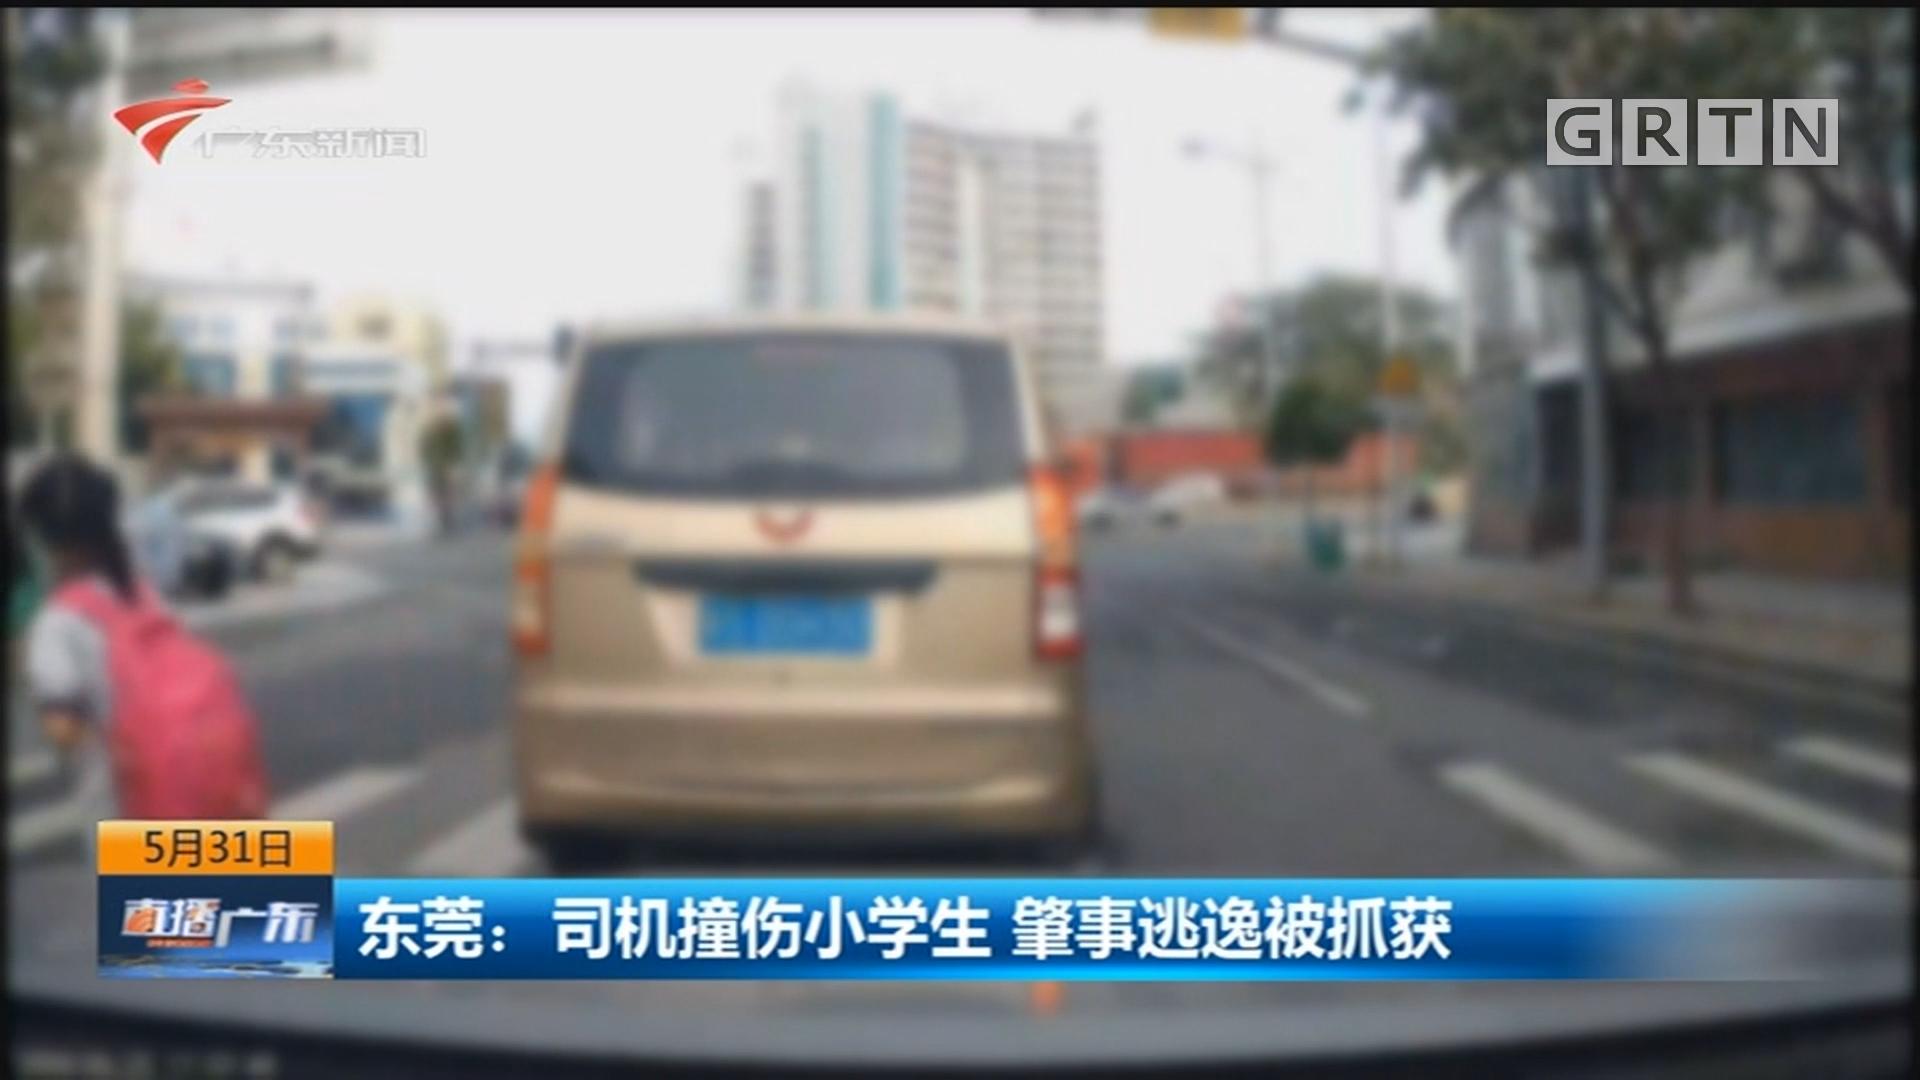 东莞:司机撞伤小学生 肇事逃逸被抓获